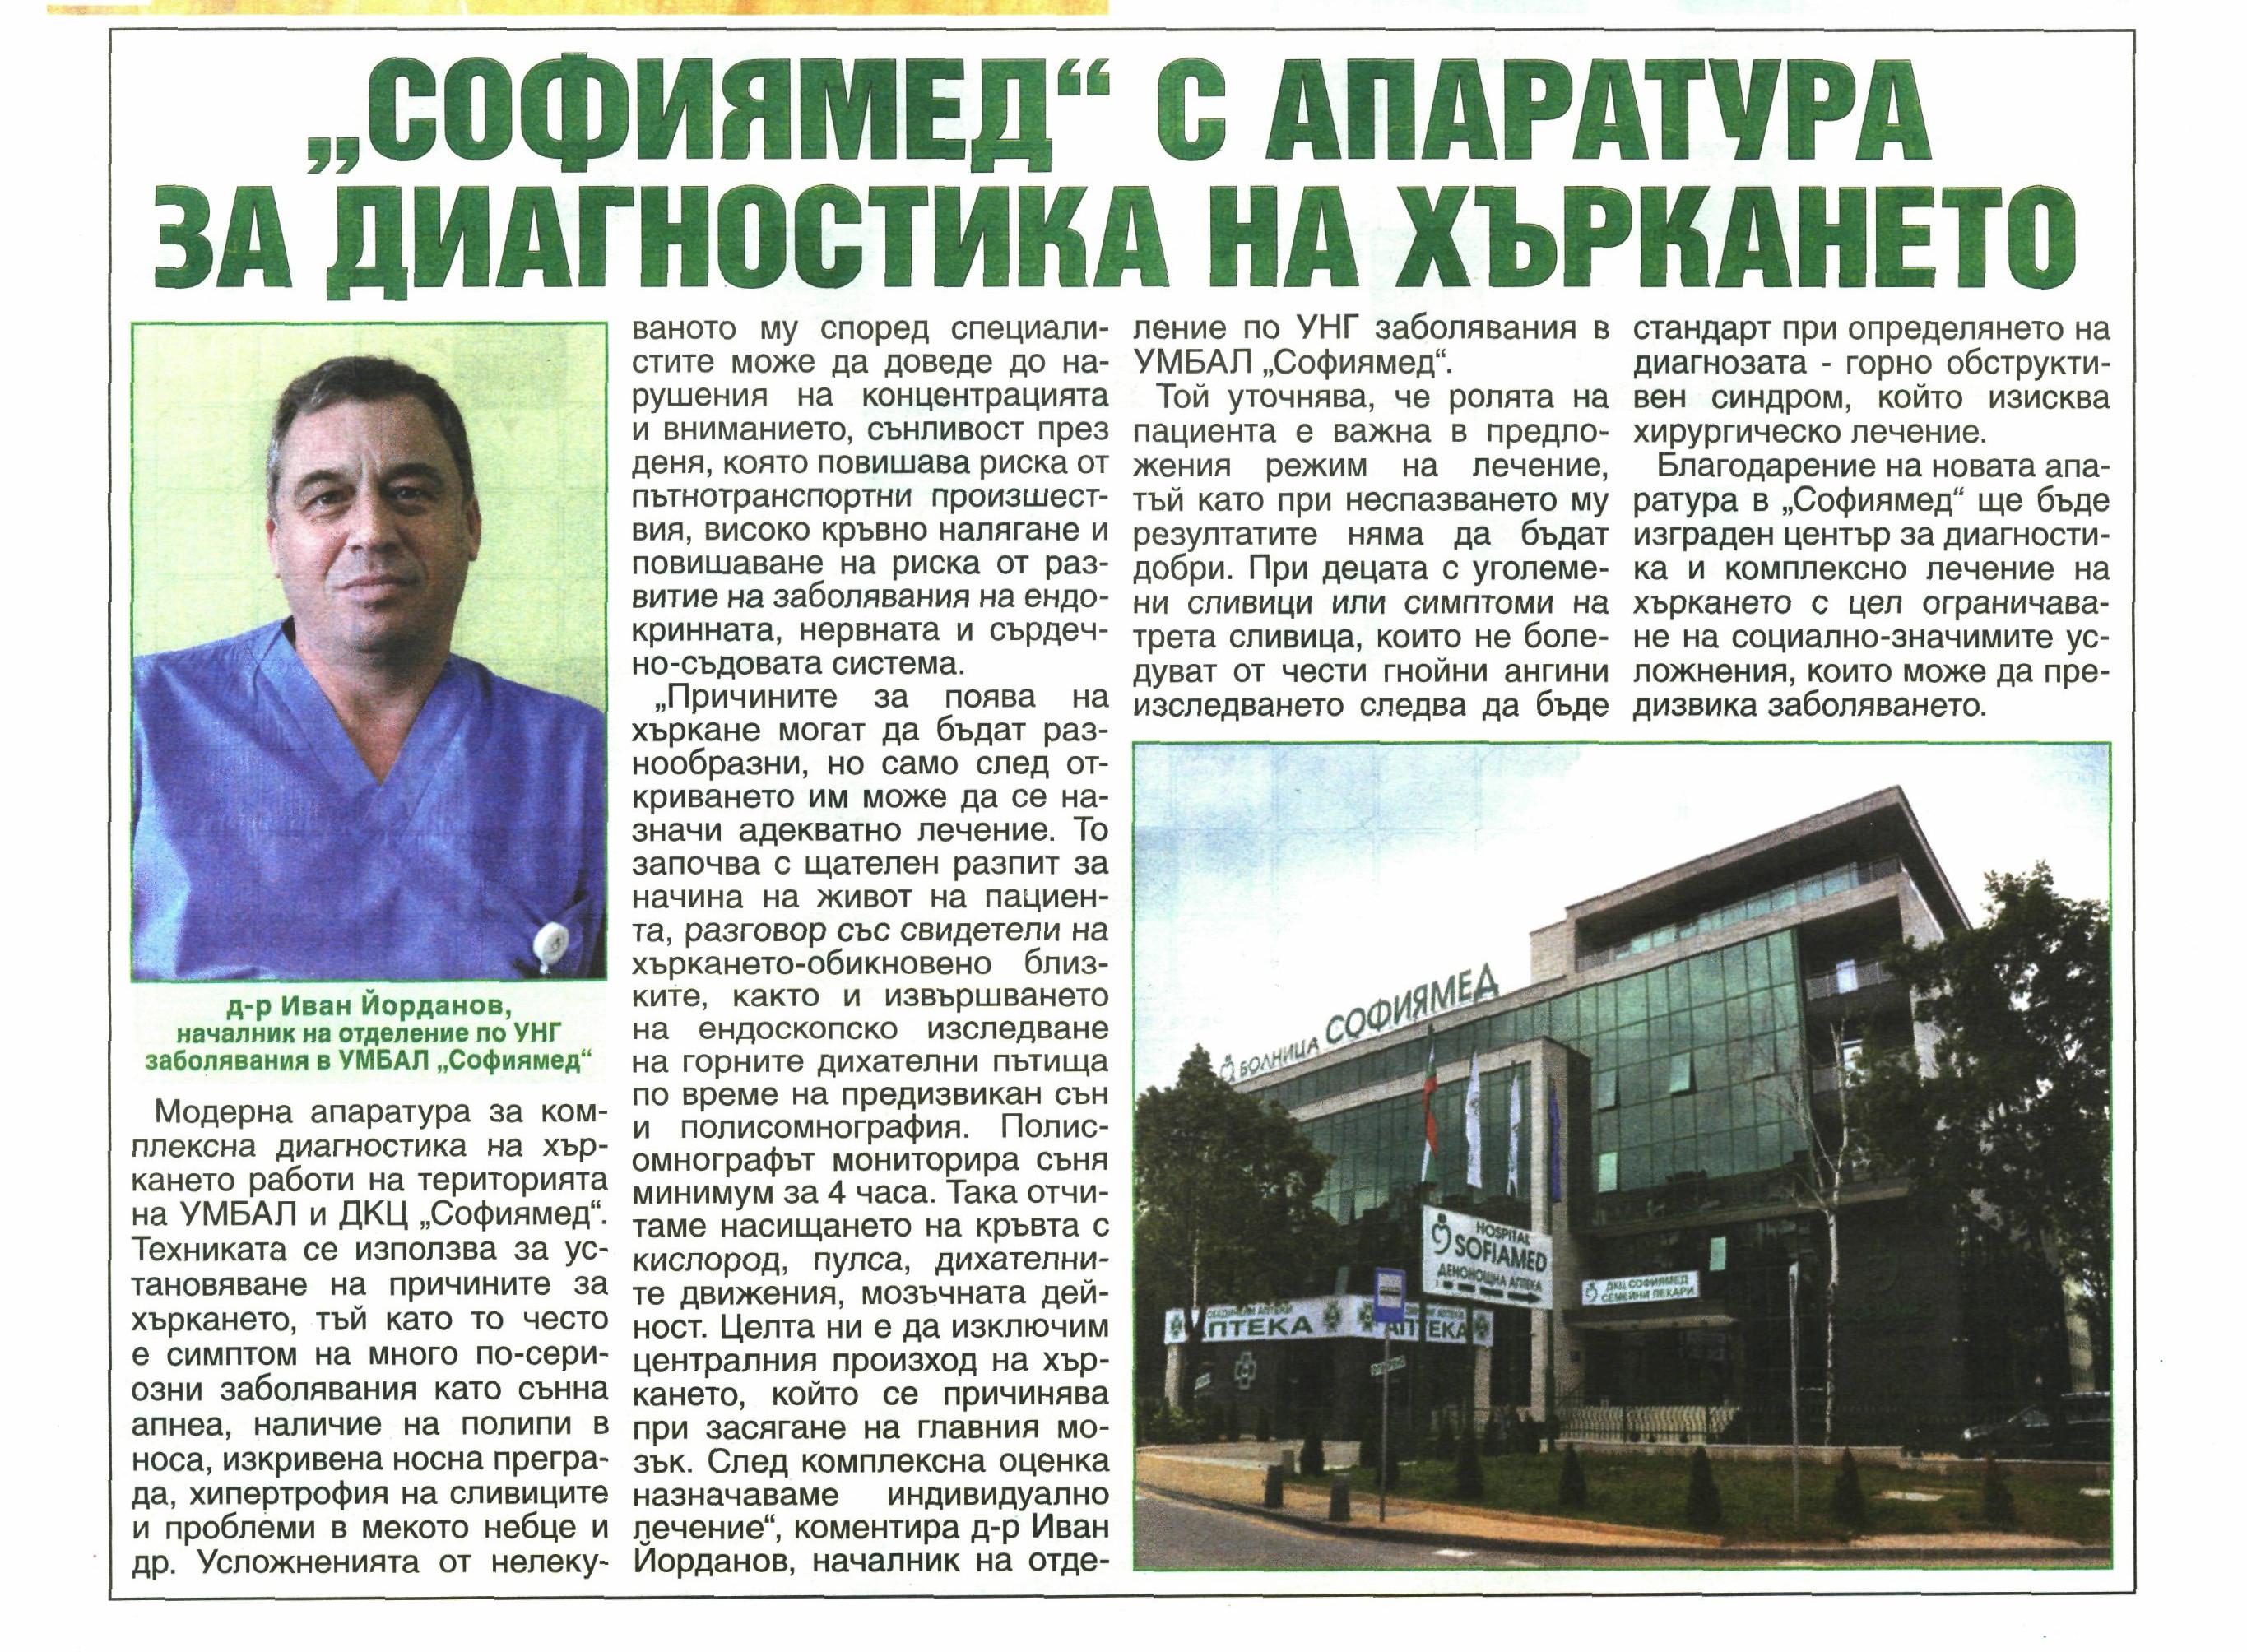 Как да избегнем летните УНГ заболявания вижте в интервюто на д-р Йорданов за здравното предаване